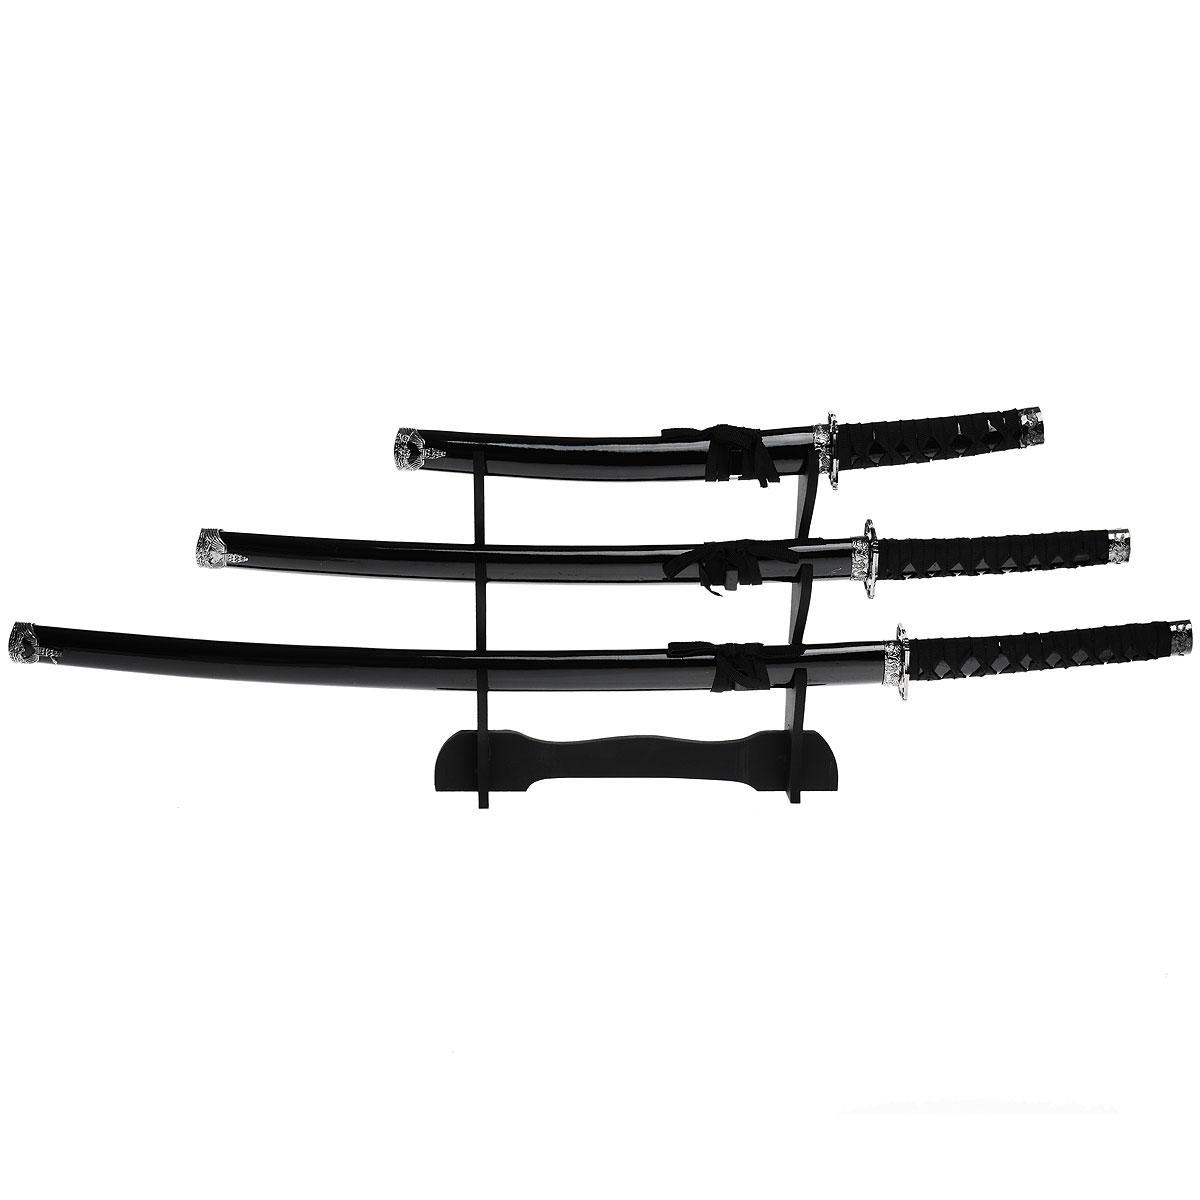 Набор самурайских мечей на подставке, 3 шт. 45426341619Самурайский меч соединяет в себе духовный и материальный миры, физическое и духовное начало... Набор самурайских мечей состоит из длинного меча - катаны, среднего - вакидзаси и короткого меча - танто. Изготовлены они в традиционном японском стиле из стали, ножны украшены плетением из текстильного шнурка. Этот набор - изысканный подарок поклонникам культуры Востока и прекрасное дополнение интерьера вашей квартиры или офиса. В качестве настенного украшения самурайские мечи использовались еще с древности, знаменуя собой подвиги славных предков. Благодаря специальной подставке, вы можете не только повесить мечи на стену, но и поставить в любое удобное для вас место. Характеристики:Материал:металл, пластик, дерево, текстиль.Длина мечей: 100 см; 81 см; 54 см.